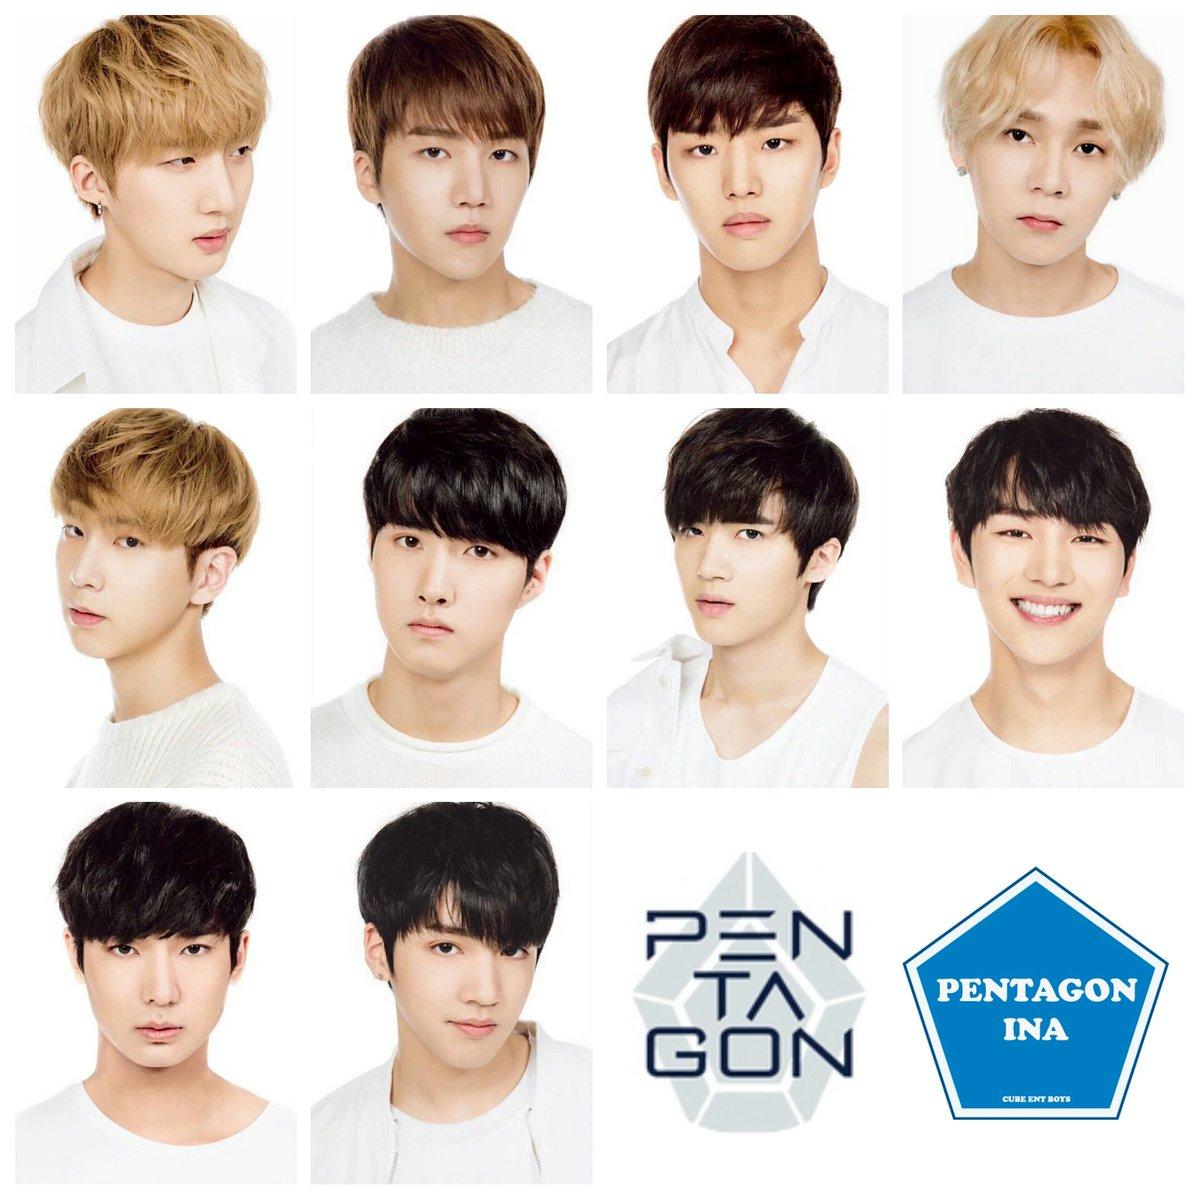 Pentagon Kpop Profile